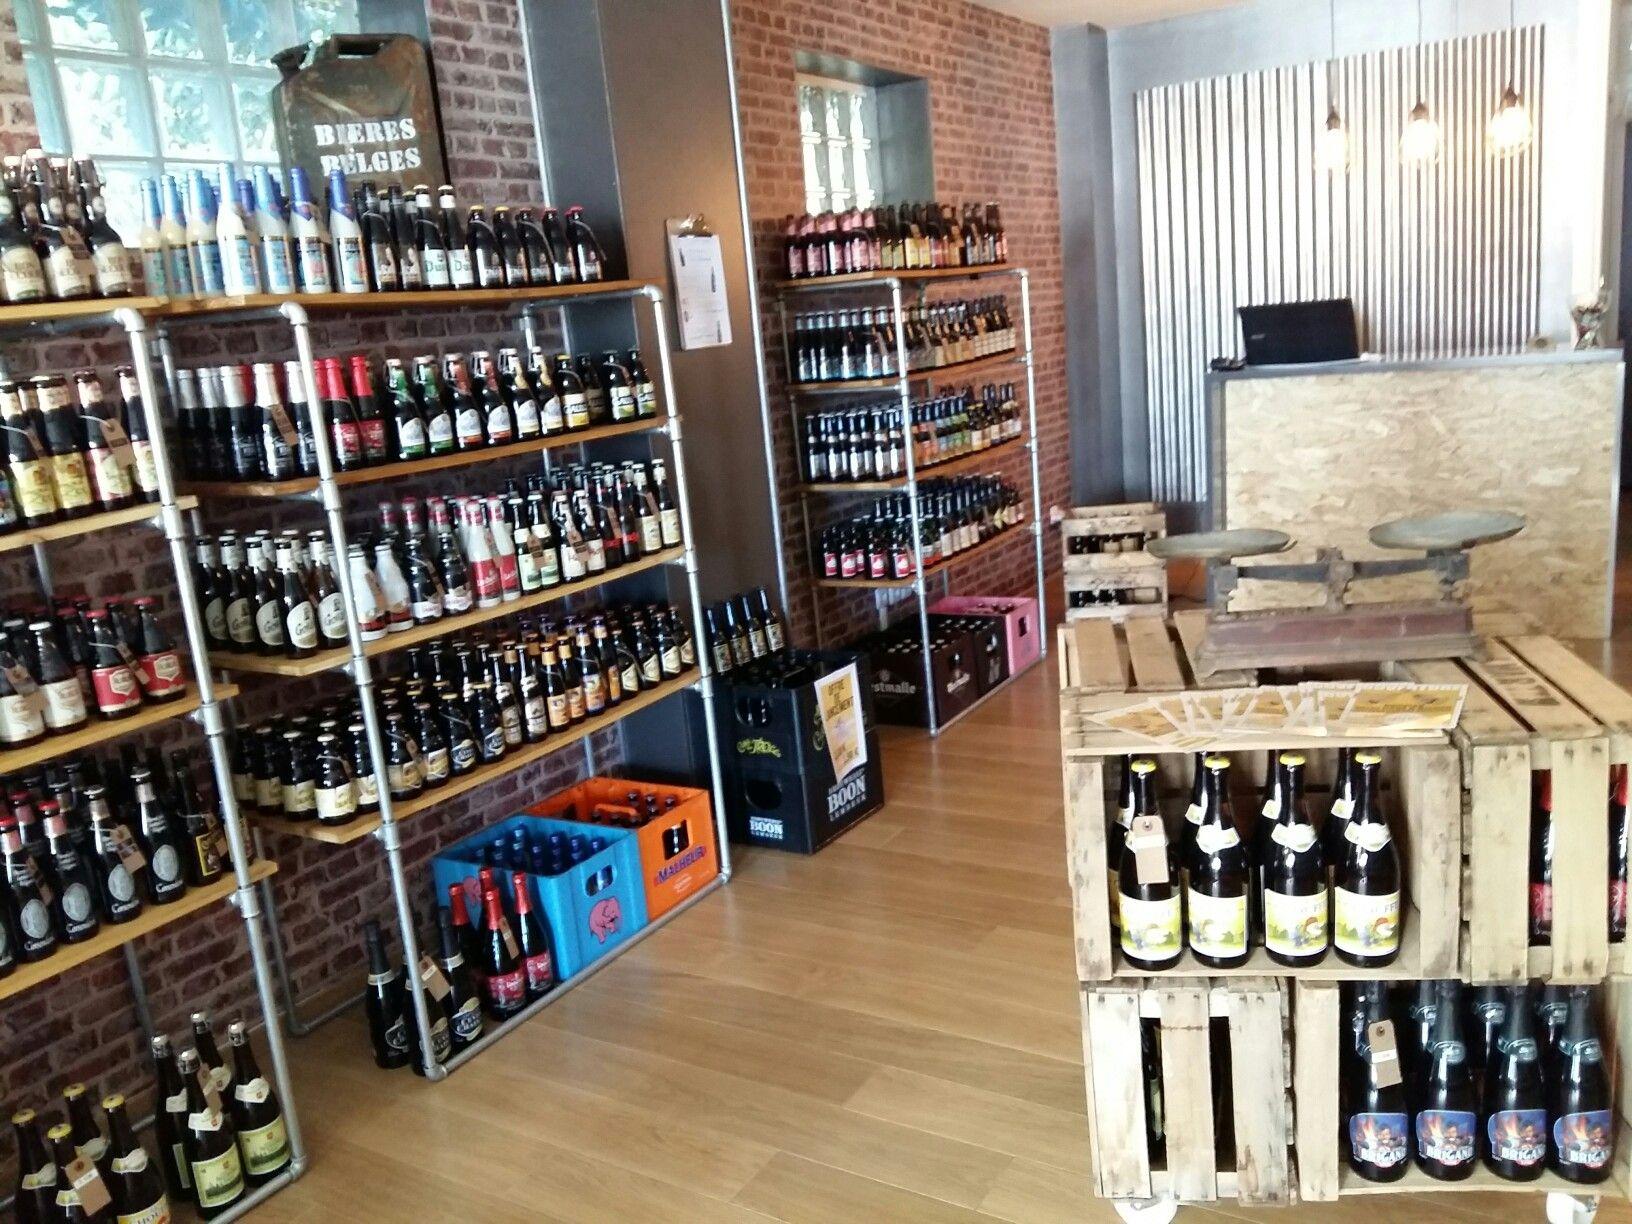 Des capsules des bi res beer shop diy boutique deco vitrine cagettes furniture cave bieres - Capsule de biere deco ...